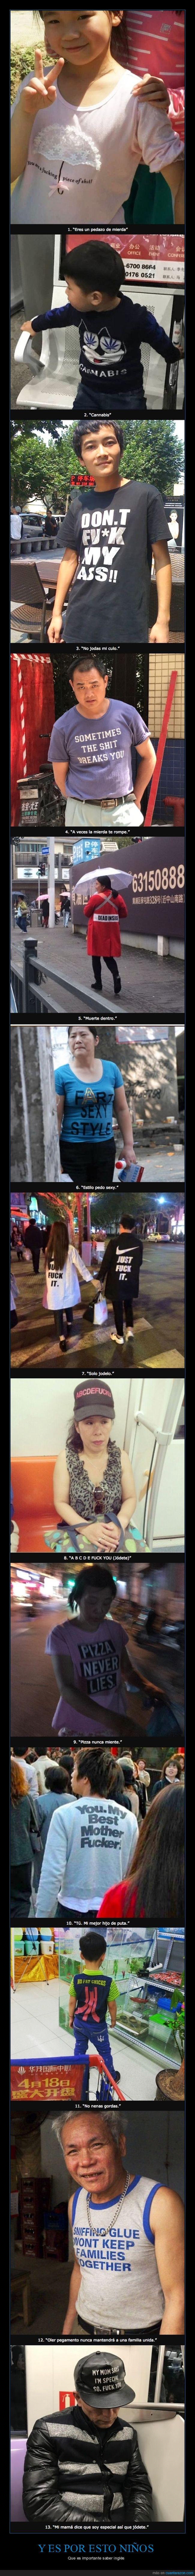 camisetas,chino,ingles,textos